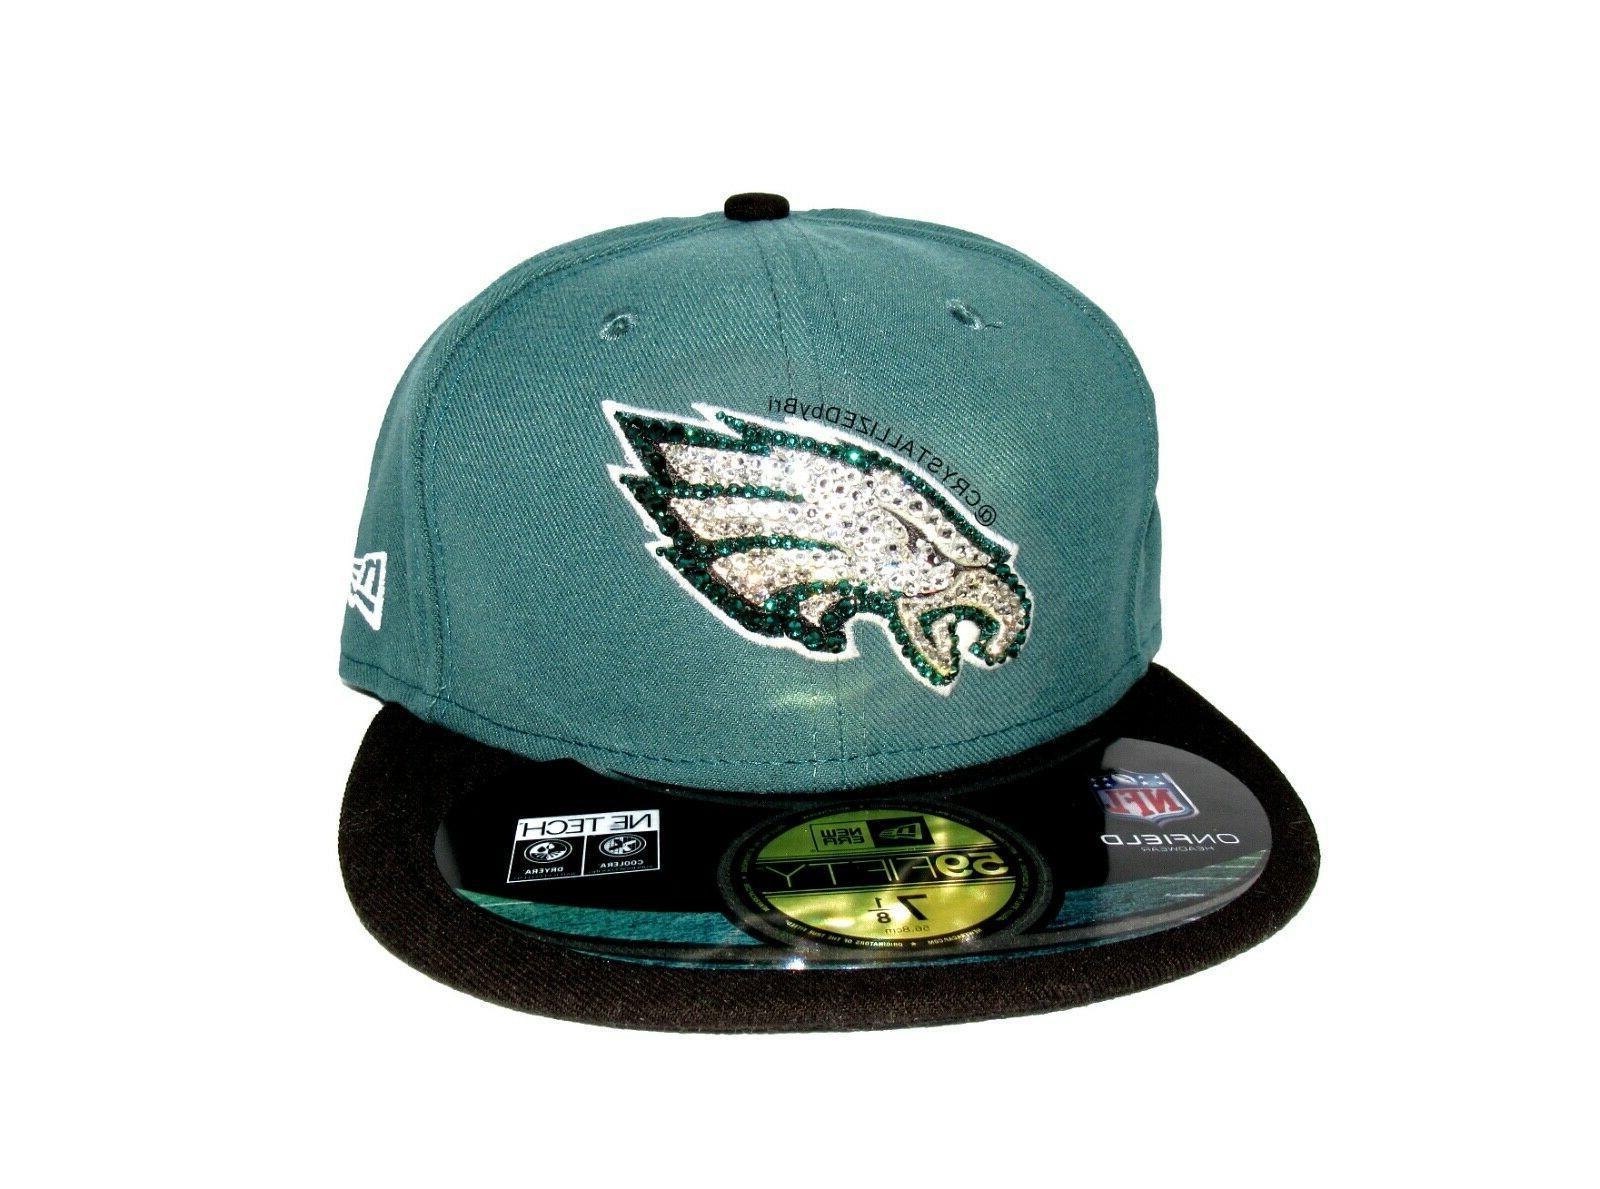 NFL CRYSTALLIZED Hat Snapback Baseball Cap w/Swarovski Cryst